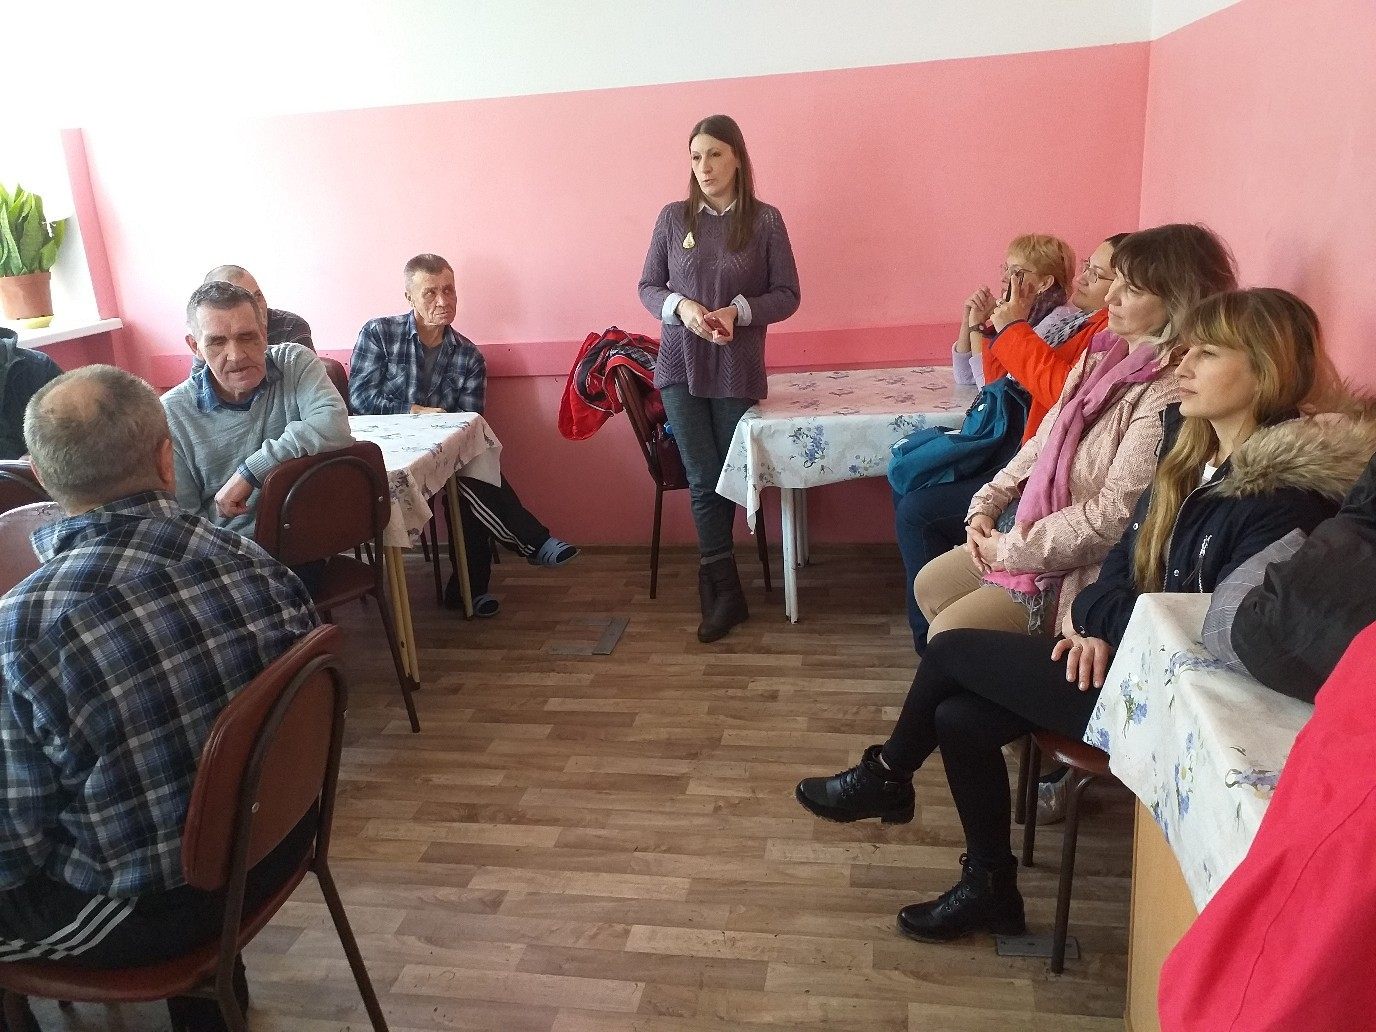 Ознакомительная встреча волонтеров фонда с проживающими в Гатчинском ПНИ - волонтёры прочитали стихи И. Бродского и А.С. Пушкина